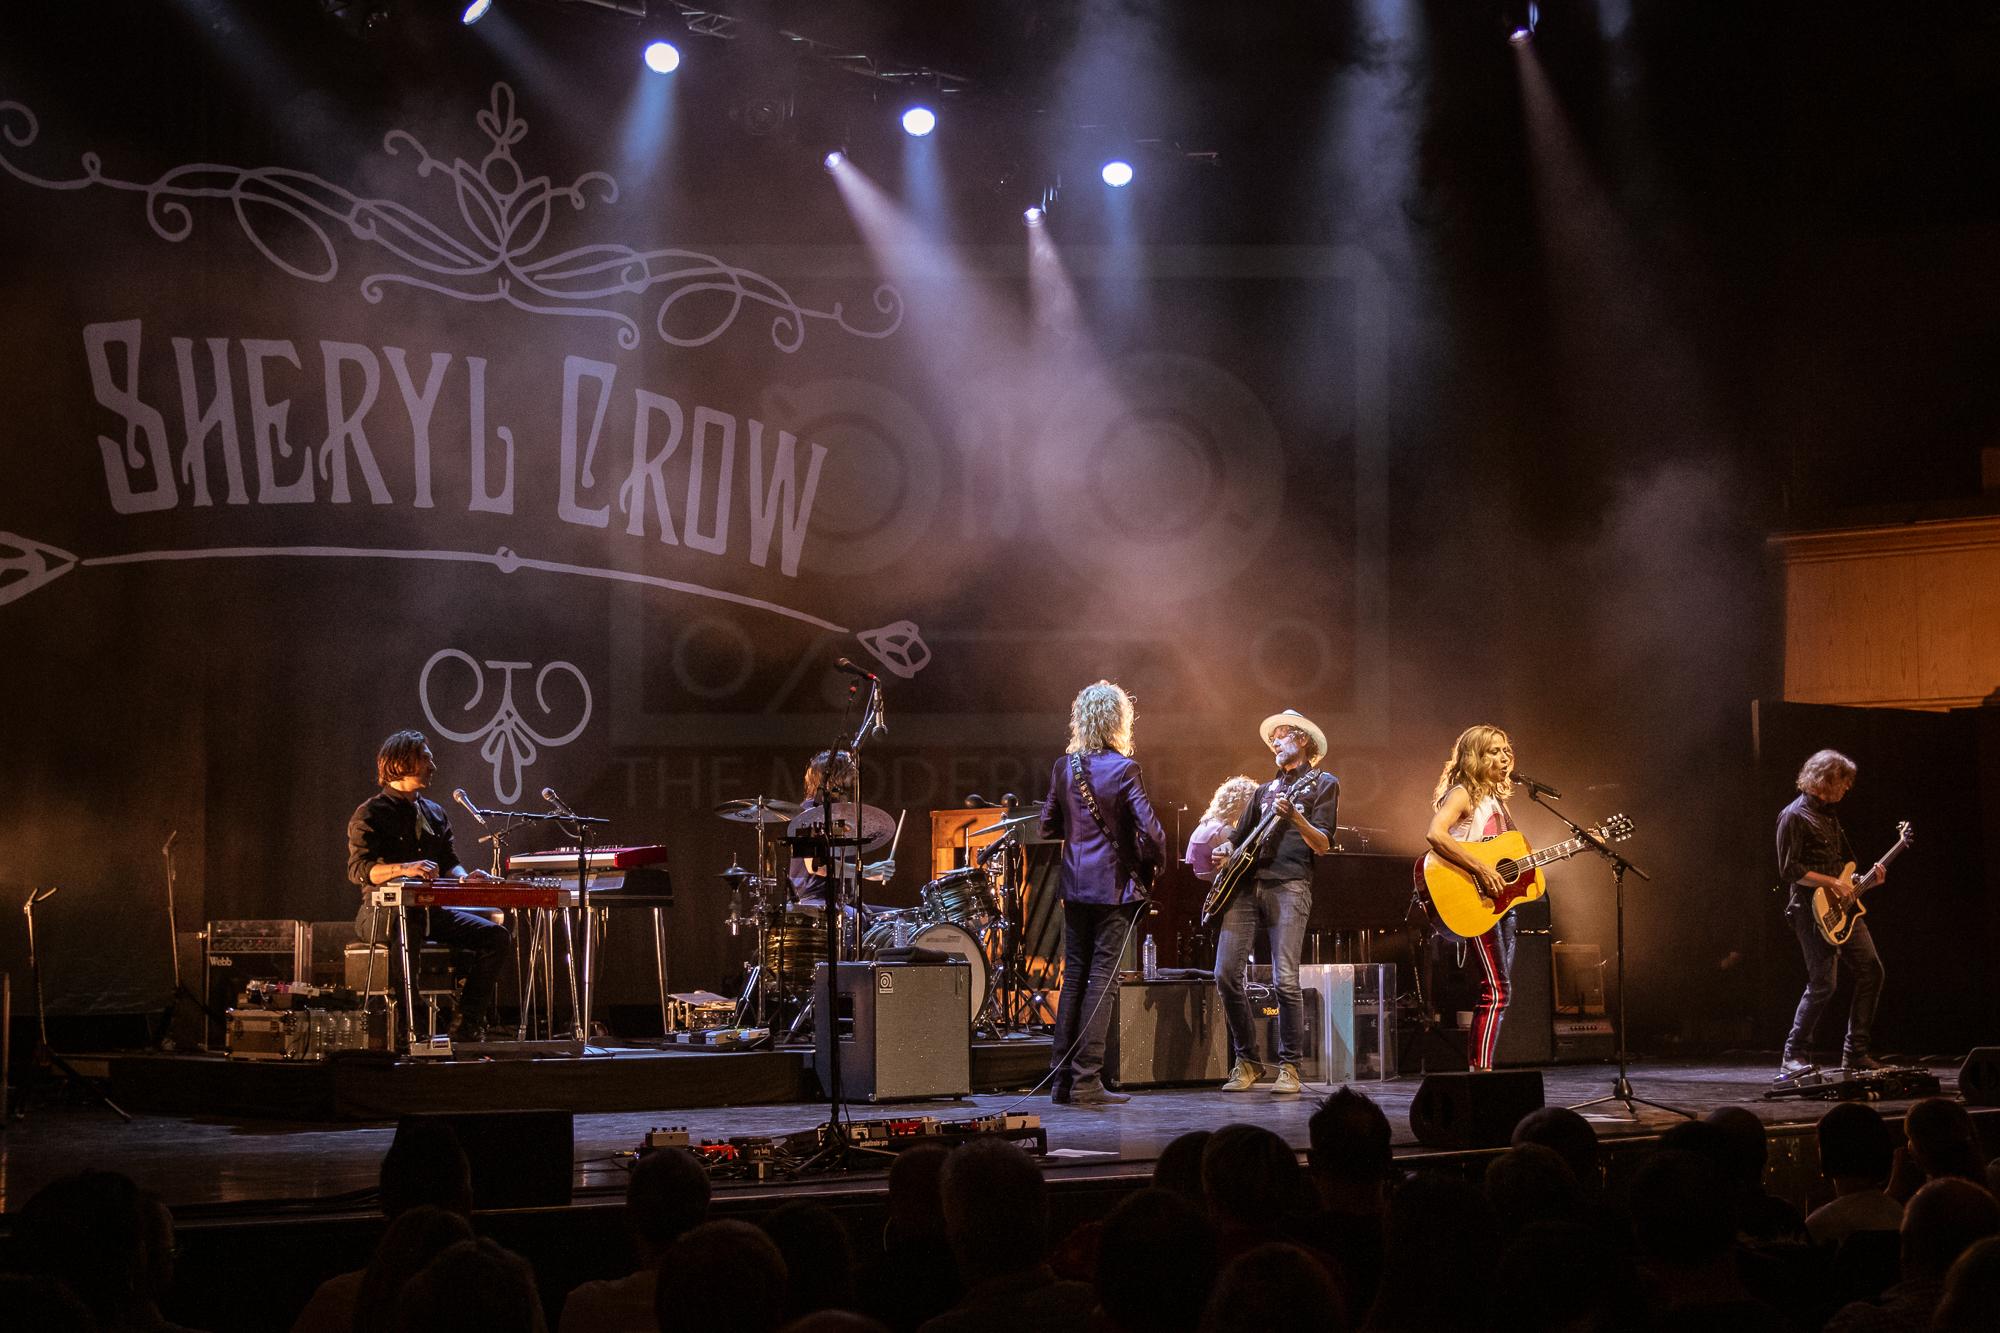 sheryl crow - grch - 26-06-18-1.jpg